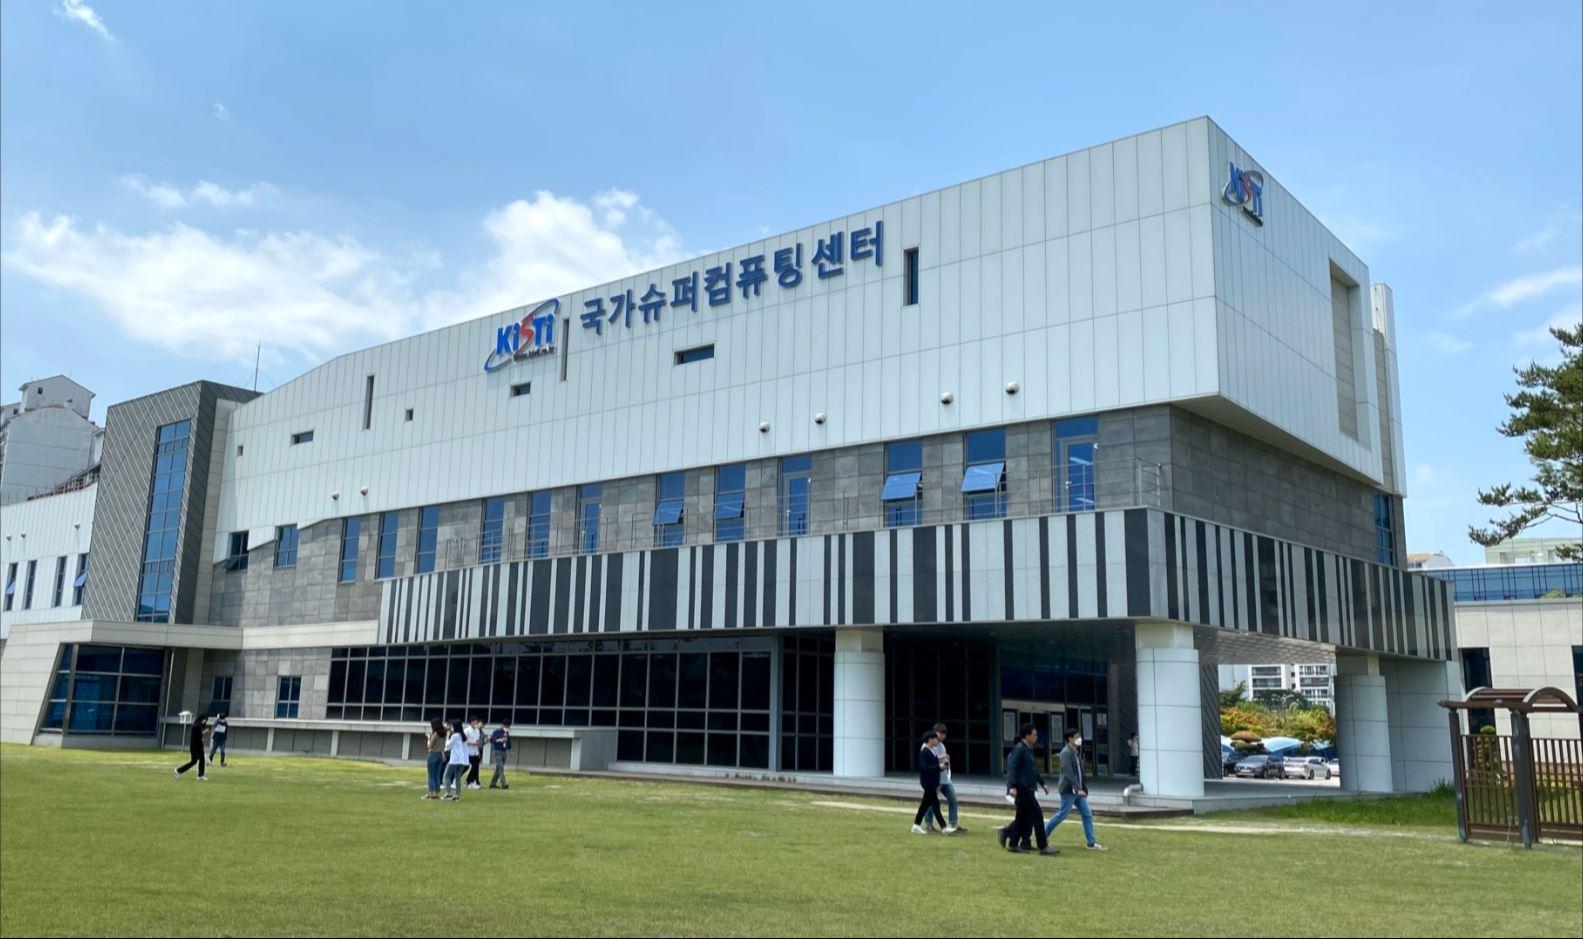 국가슈퍼컴퓨팅 센터